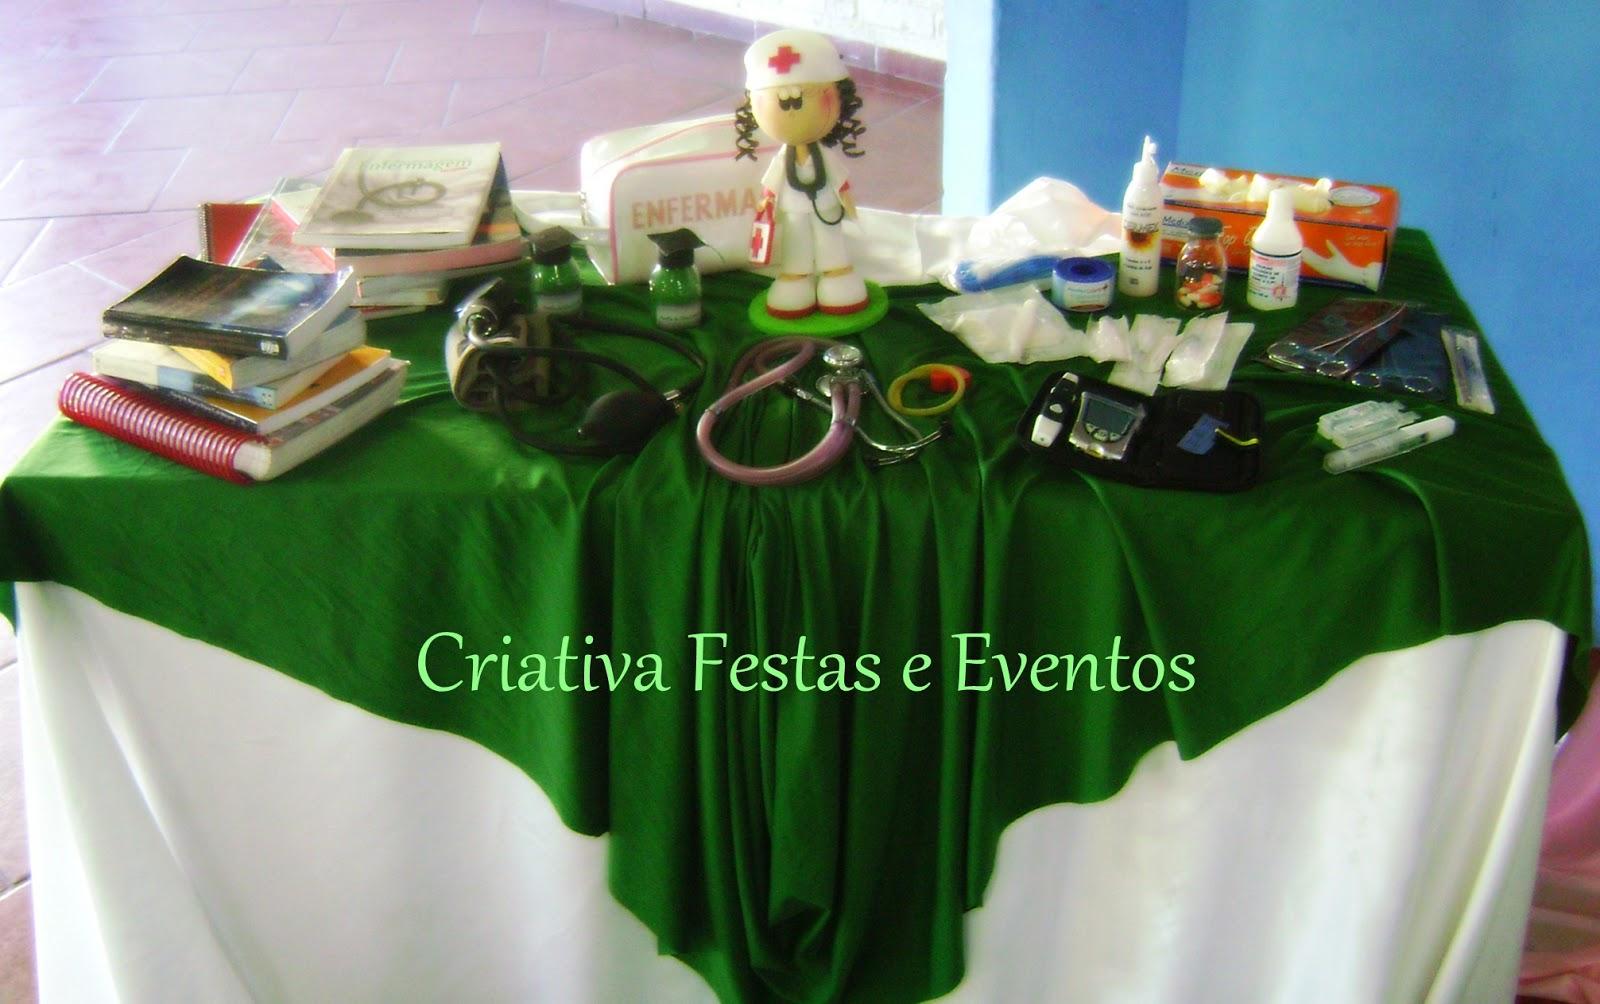 Criativa Festas e Eventos Formatura Técnico em Enfermagem Verde, Branco e Rosa -> Decoracao Formatura Enfermagem